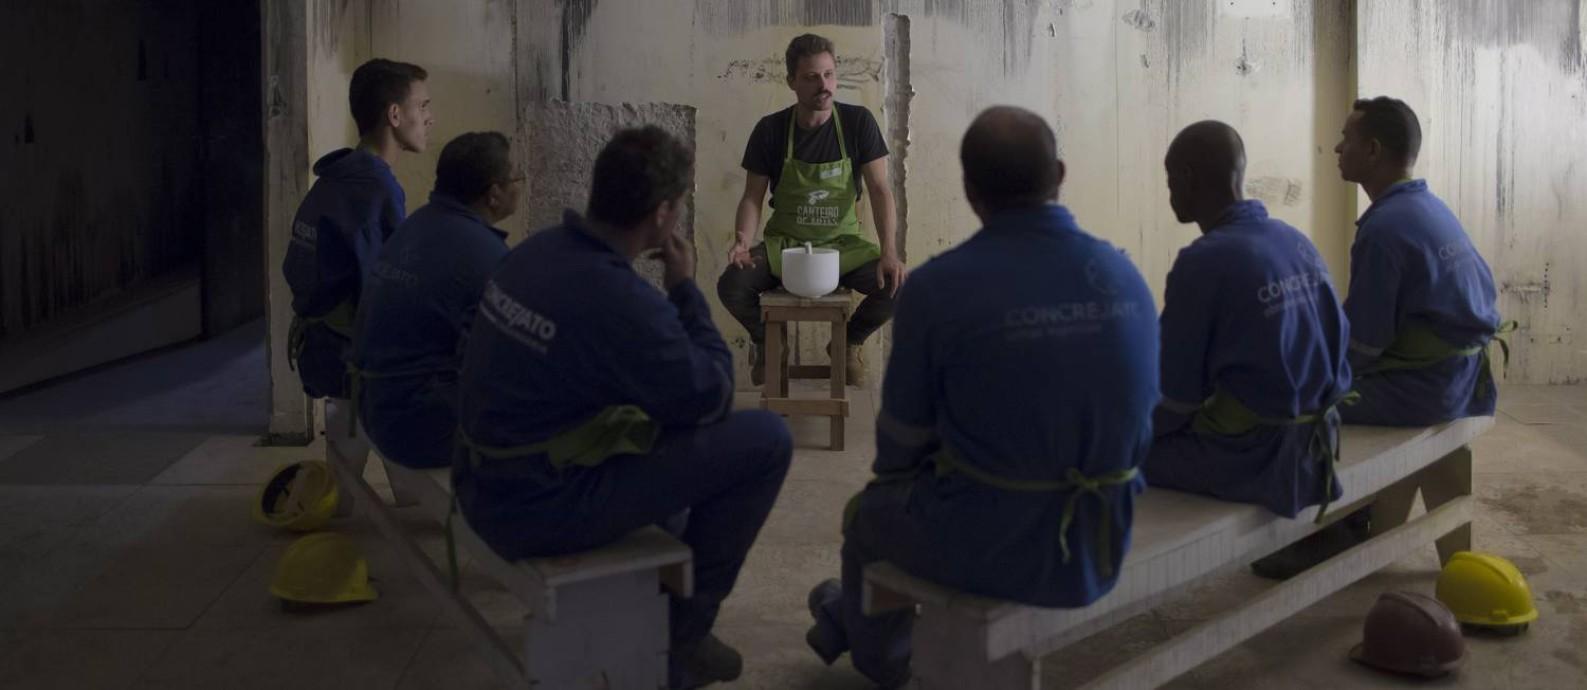 Operários que trabalham na reconstrução do Museu da Língua Portuguesa durante uma oficina artística Foto: Edilson Dantas / Agência O Globo